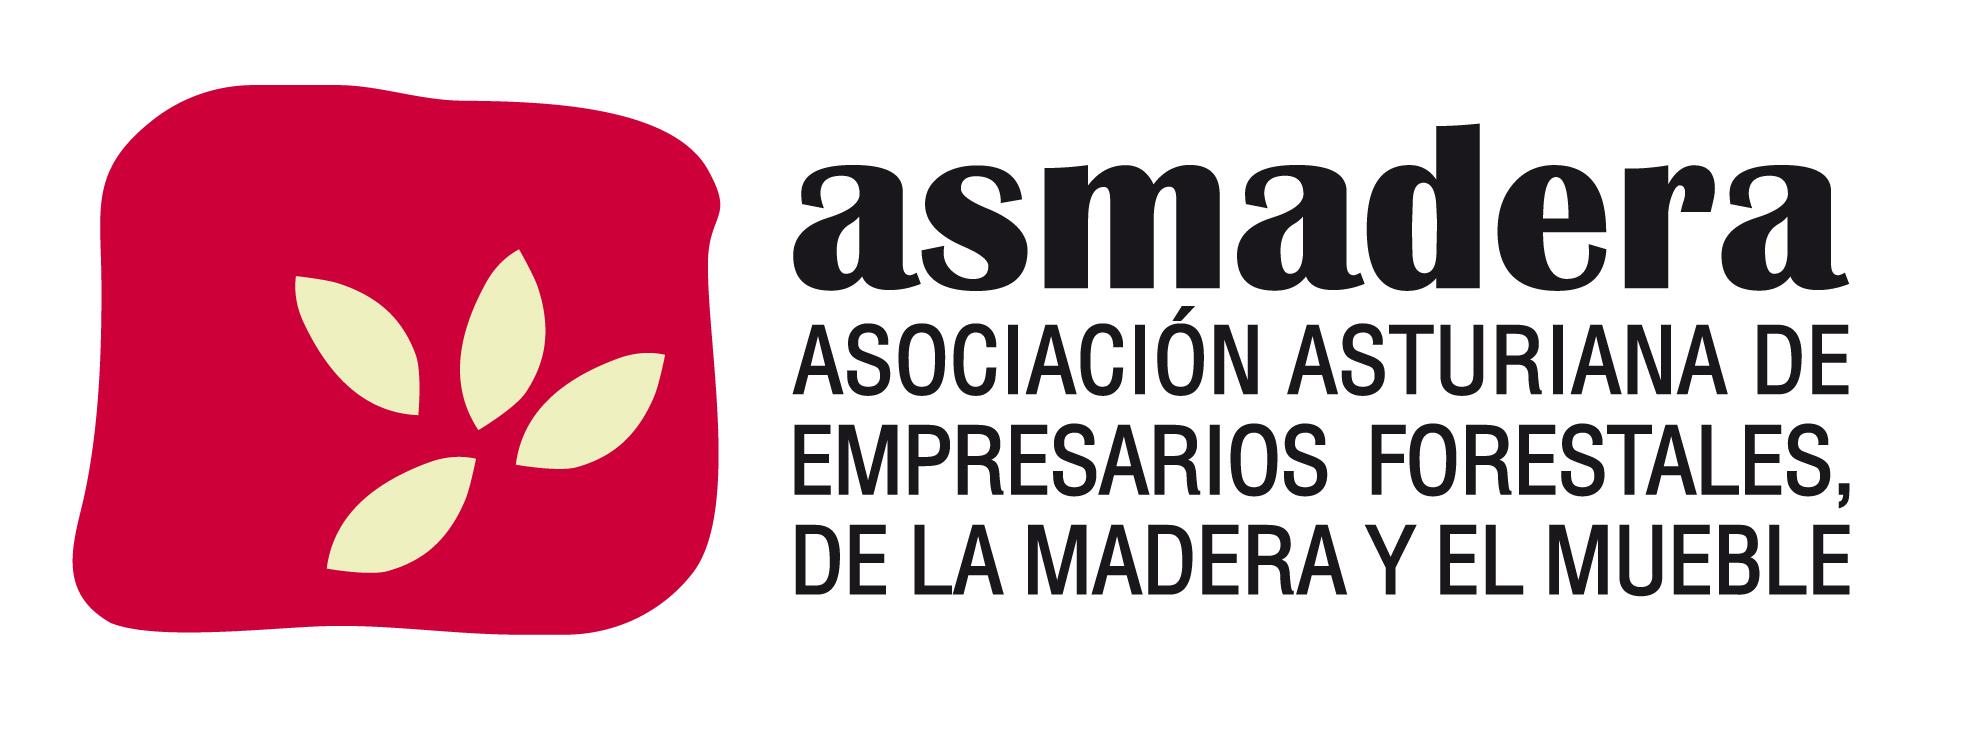 Asociación Asturiana de Empresarios Forestales, de la Madera y el Mueble (ASMADERA)